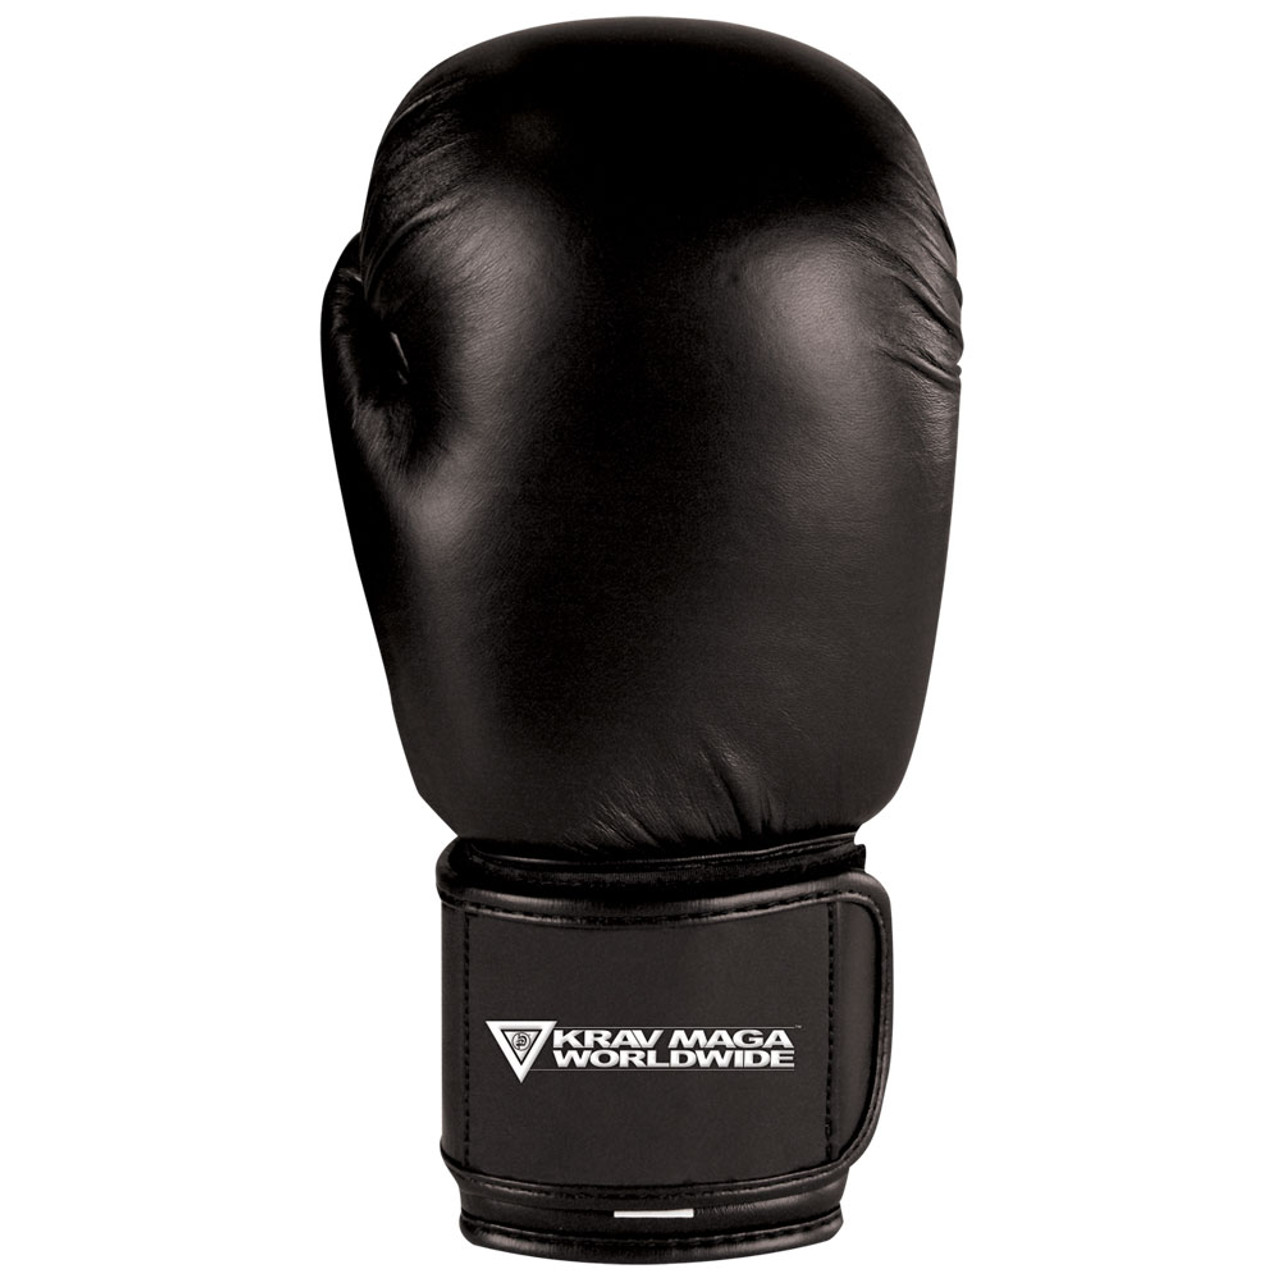 Krav Maga Equipment. Krav Maga Leather Boxing Gloves 14oz KMG Krav Maga Combat